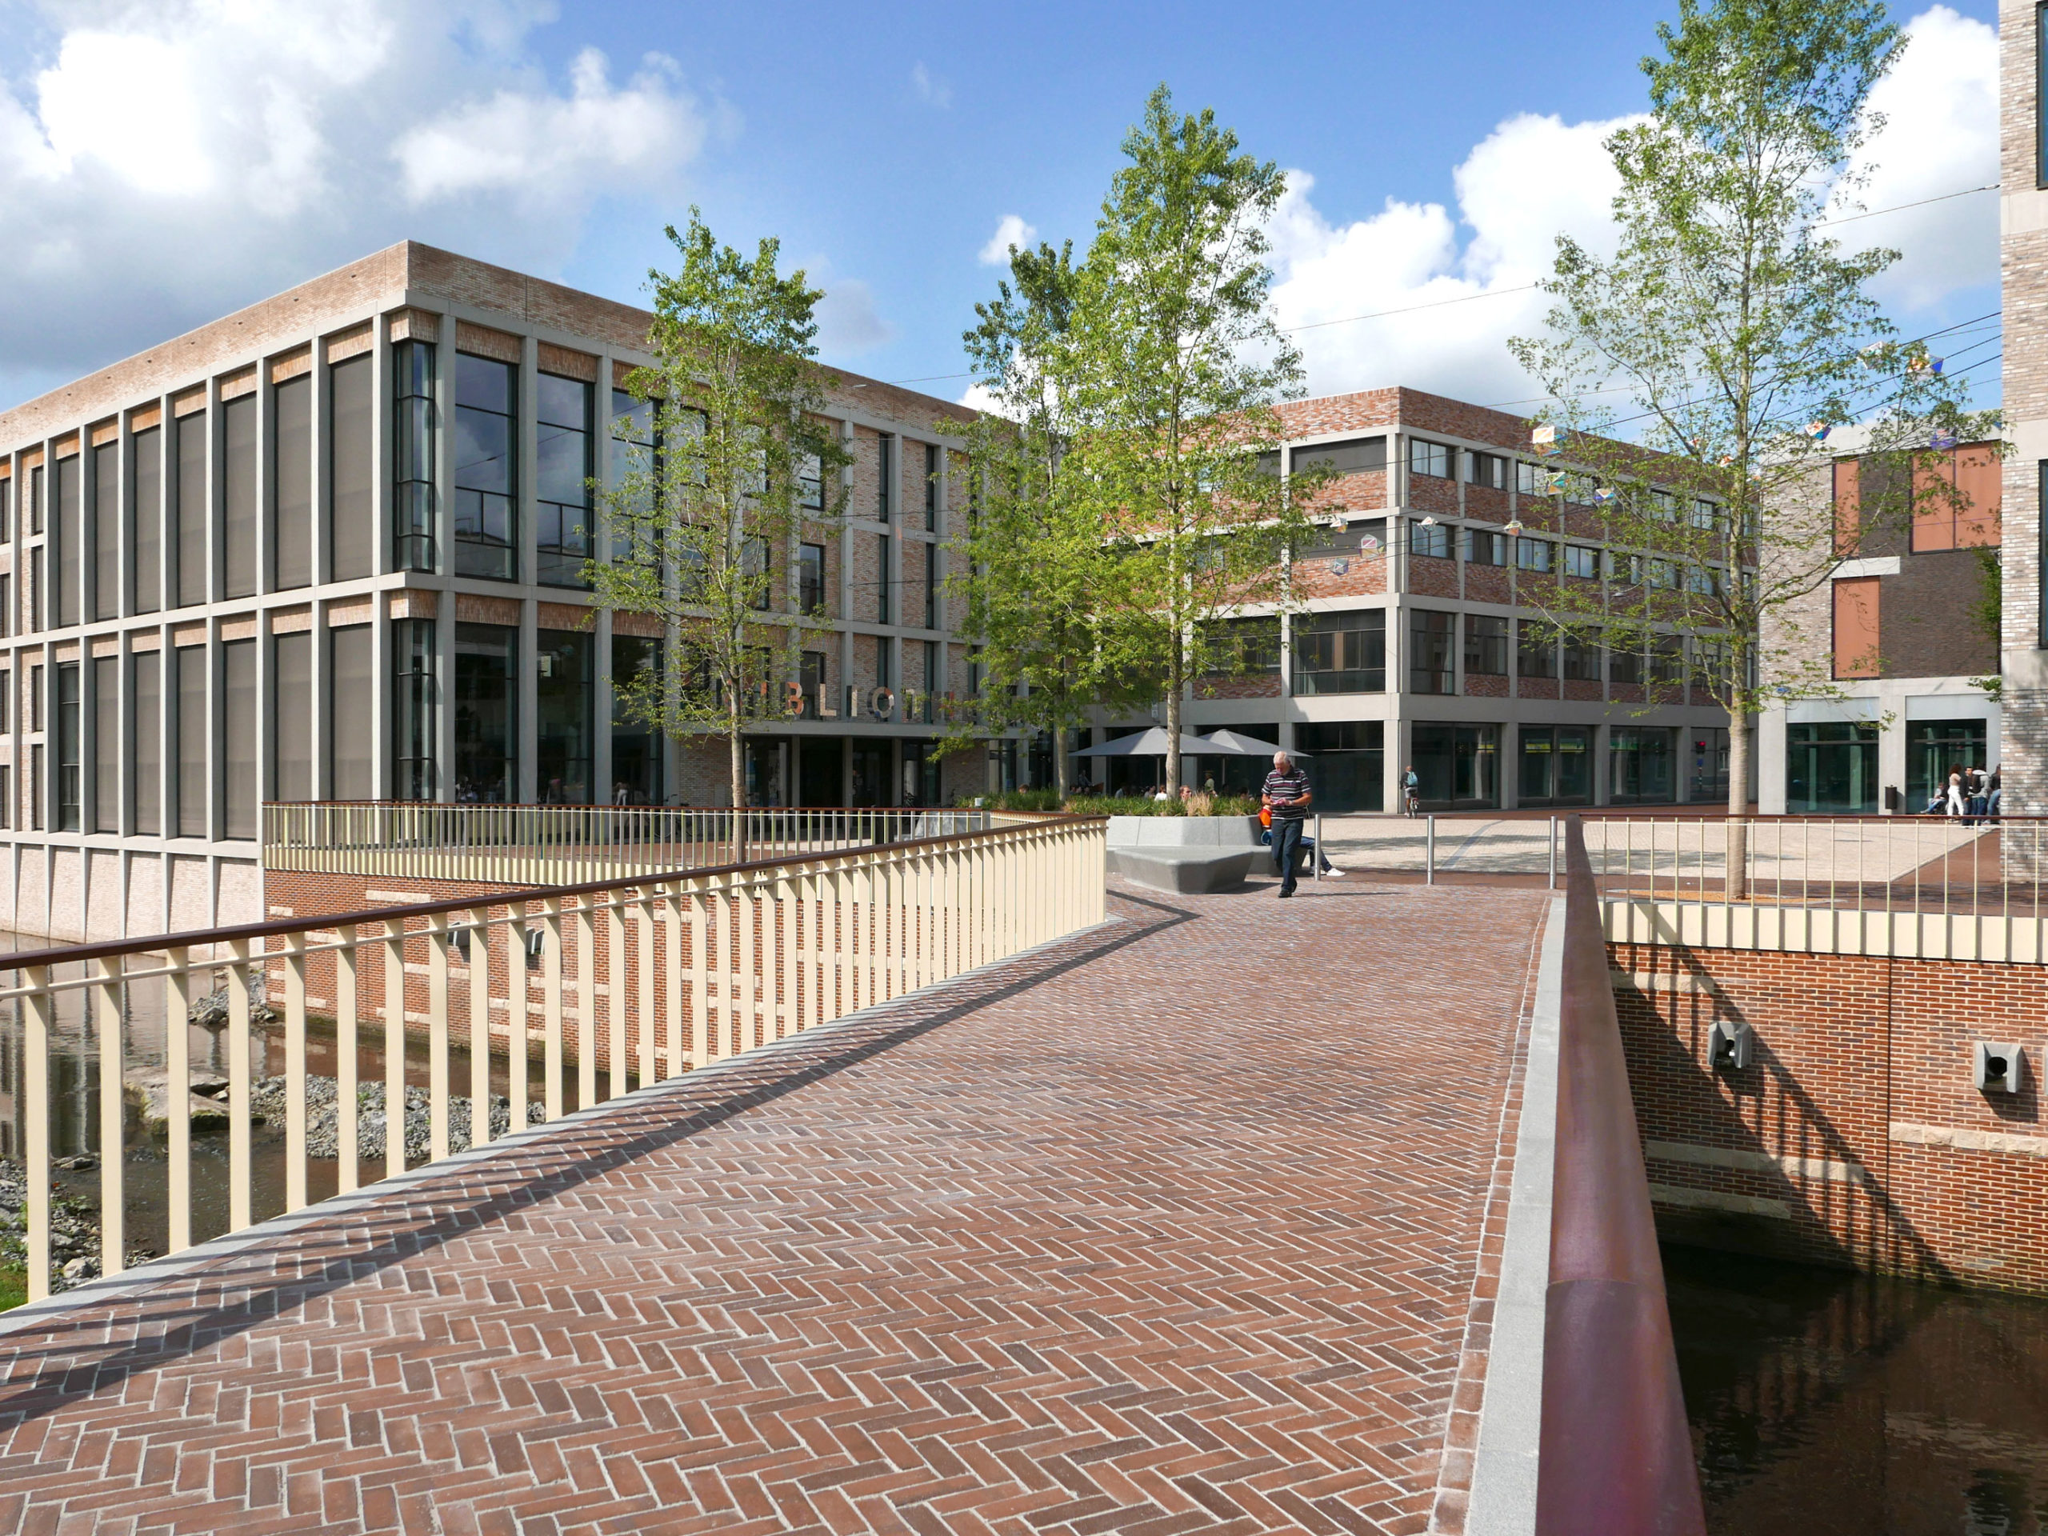 2018-04-09-ligneplein-bewerkt-p1400846-nieuws